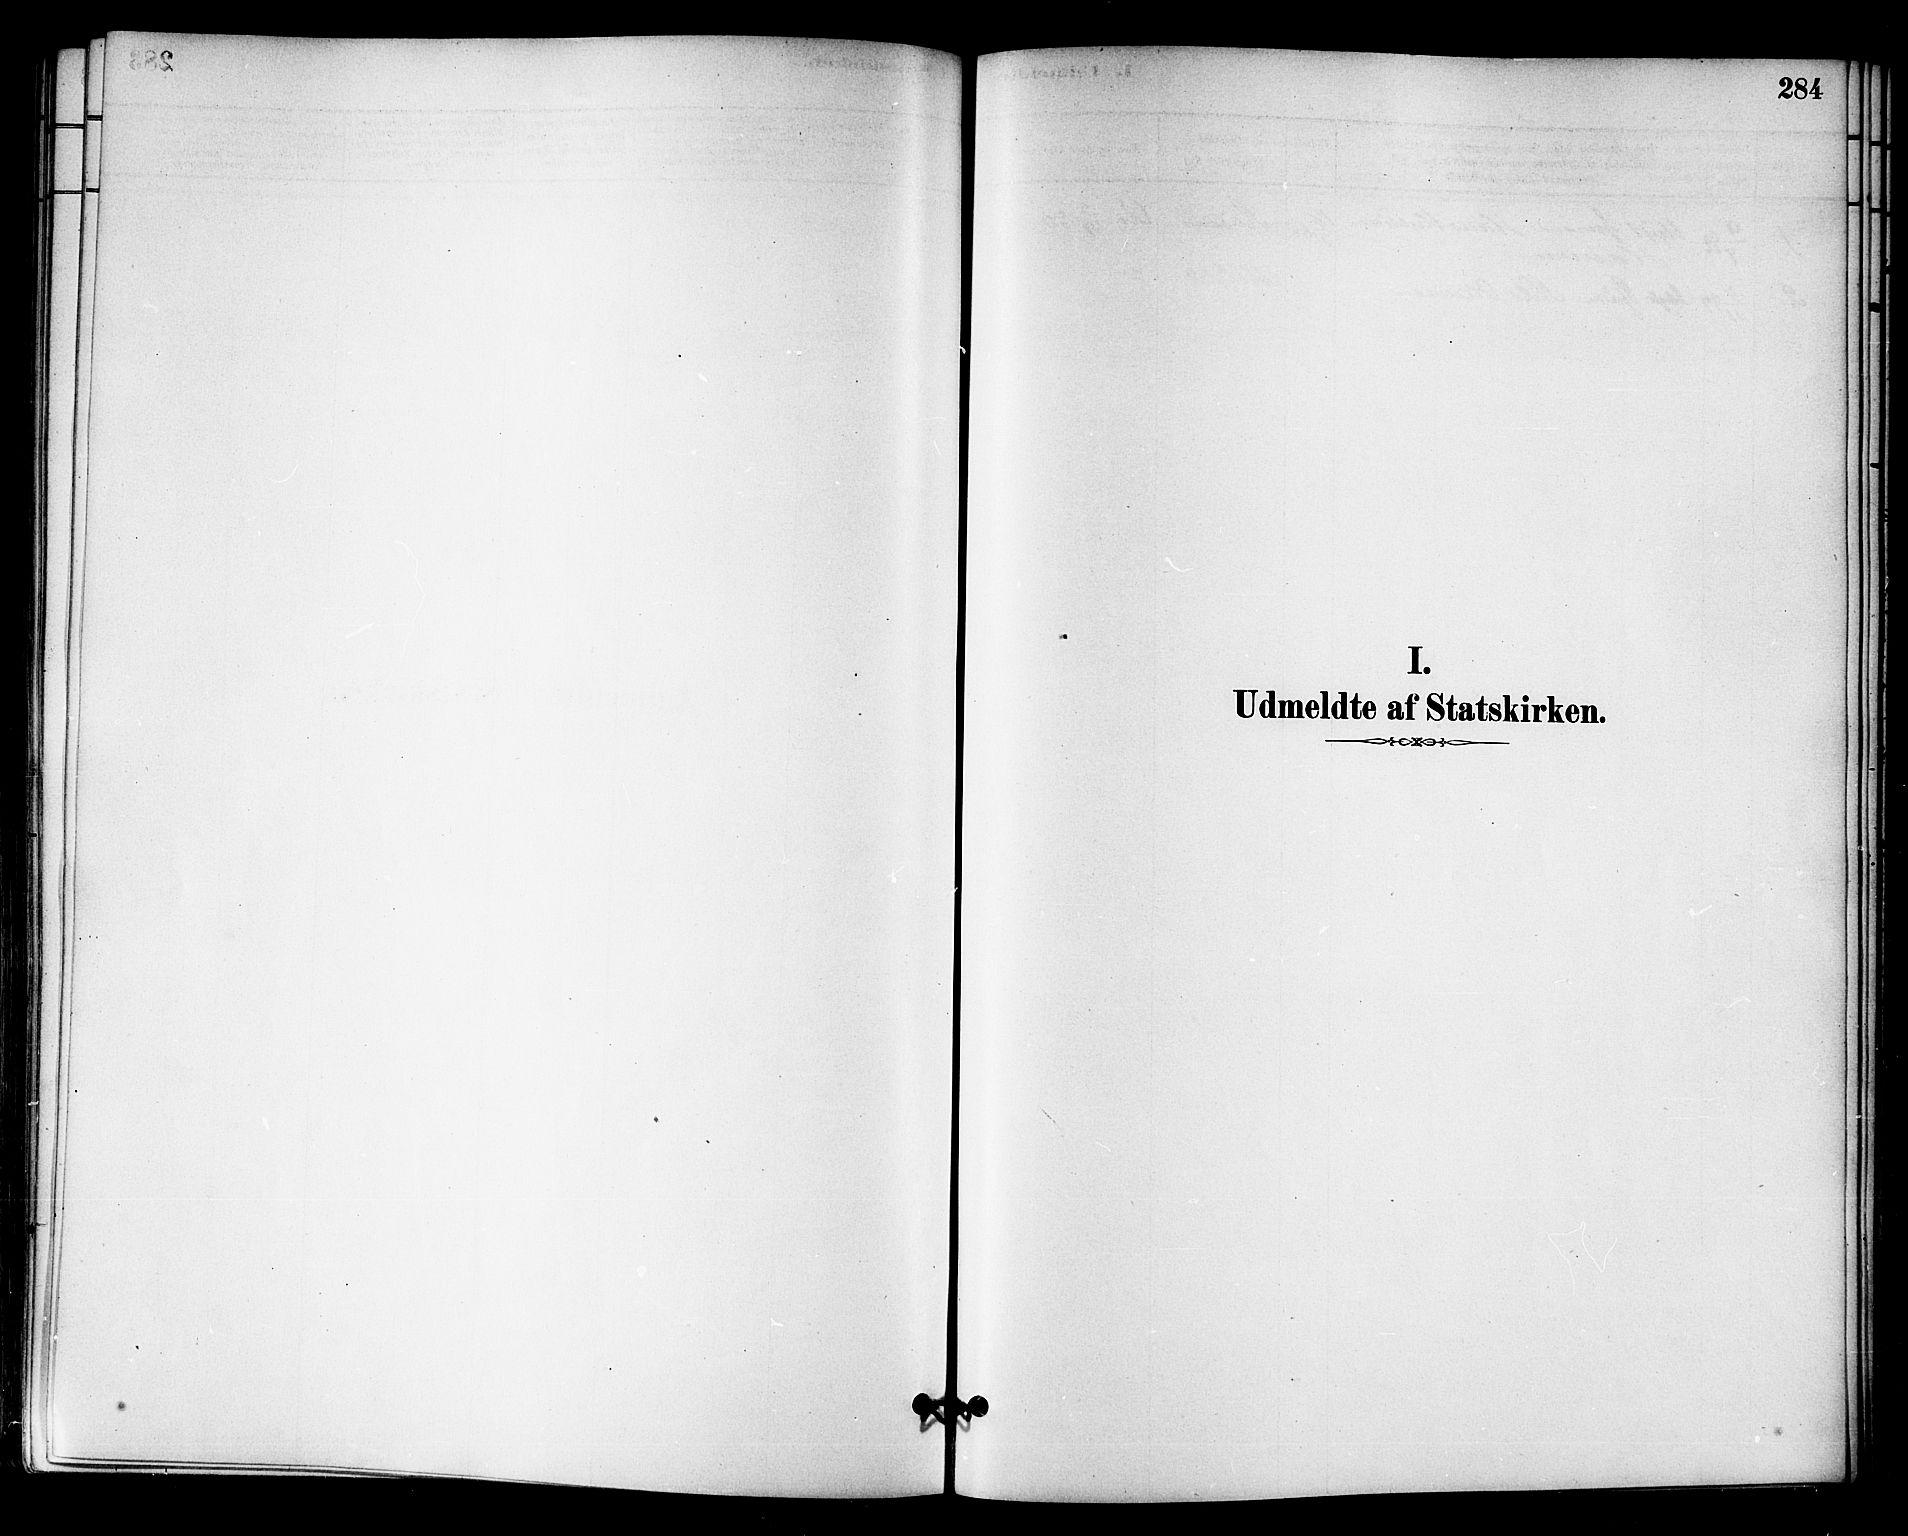 SAT, Ministerialprotokoller, klokkerbøker og fødselsregistre - Sør-Trøndelag, 655/L0680: Ministerialbok nr. 655A09, 1880-1894, s. 284